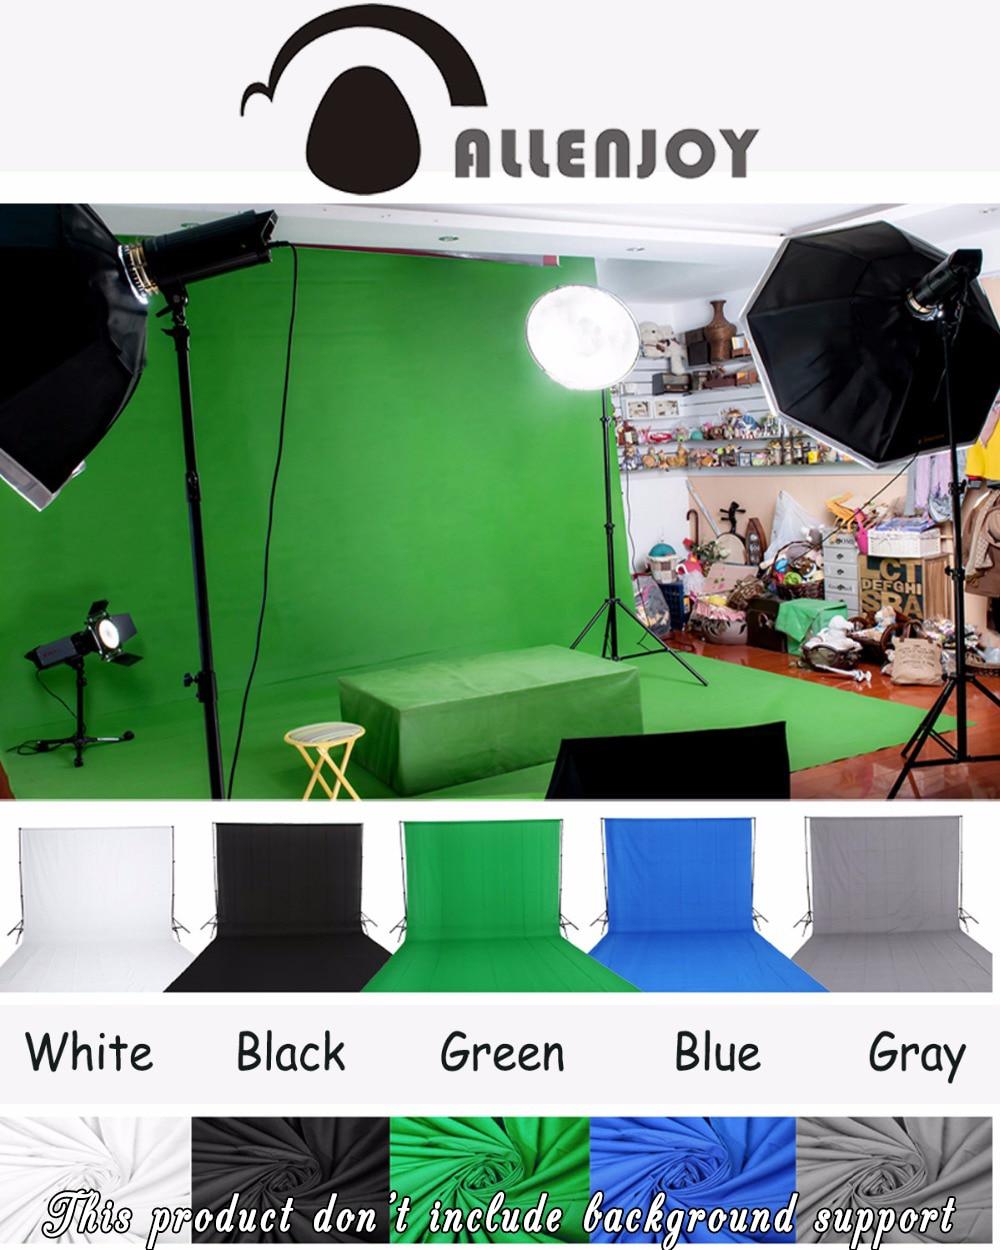 Allenjoy Vert écran fond chroma key plus couleur des Options Personnalisées Taille Professionnel Photo Éclairage Studio